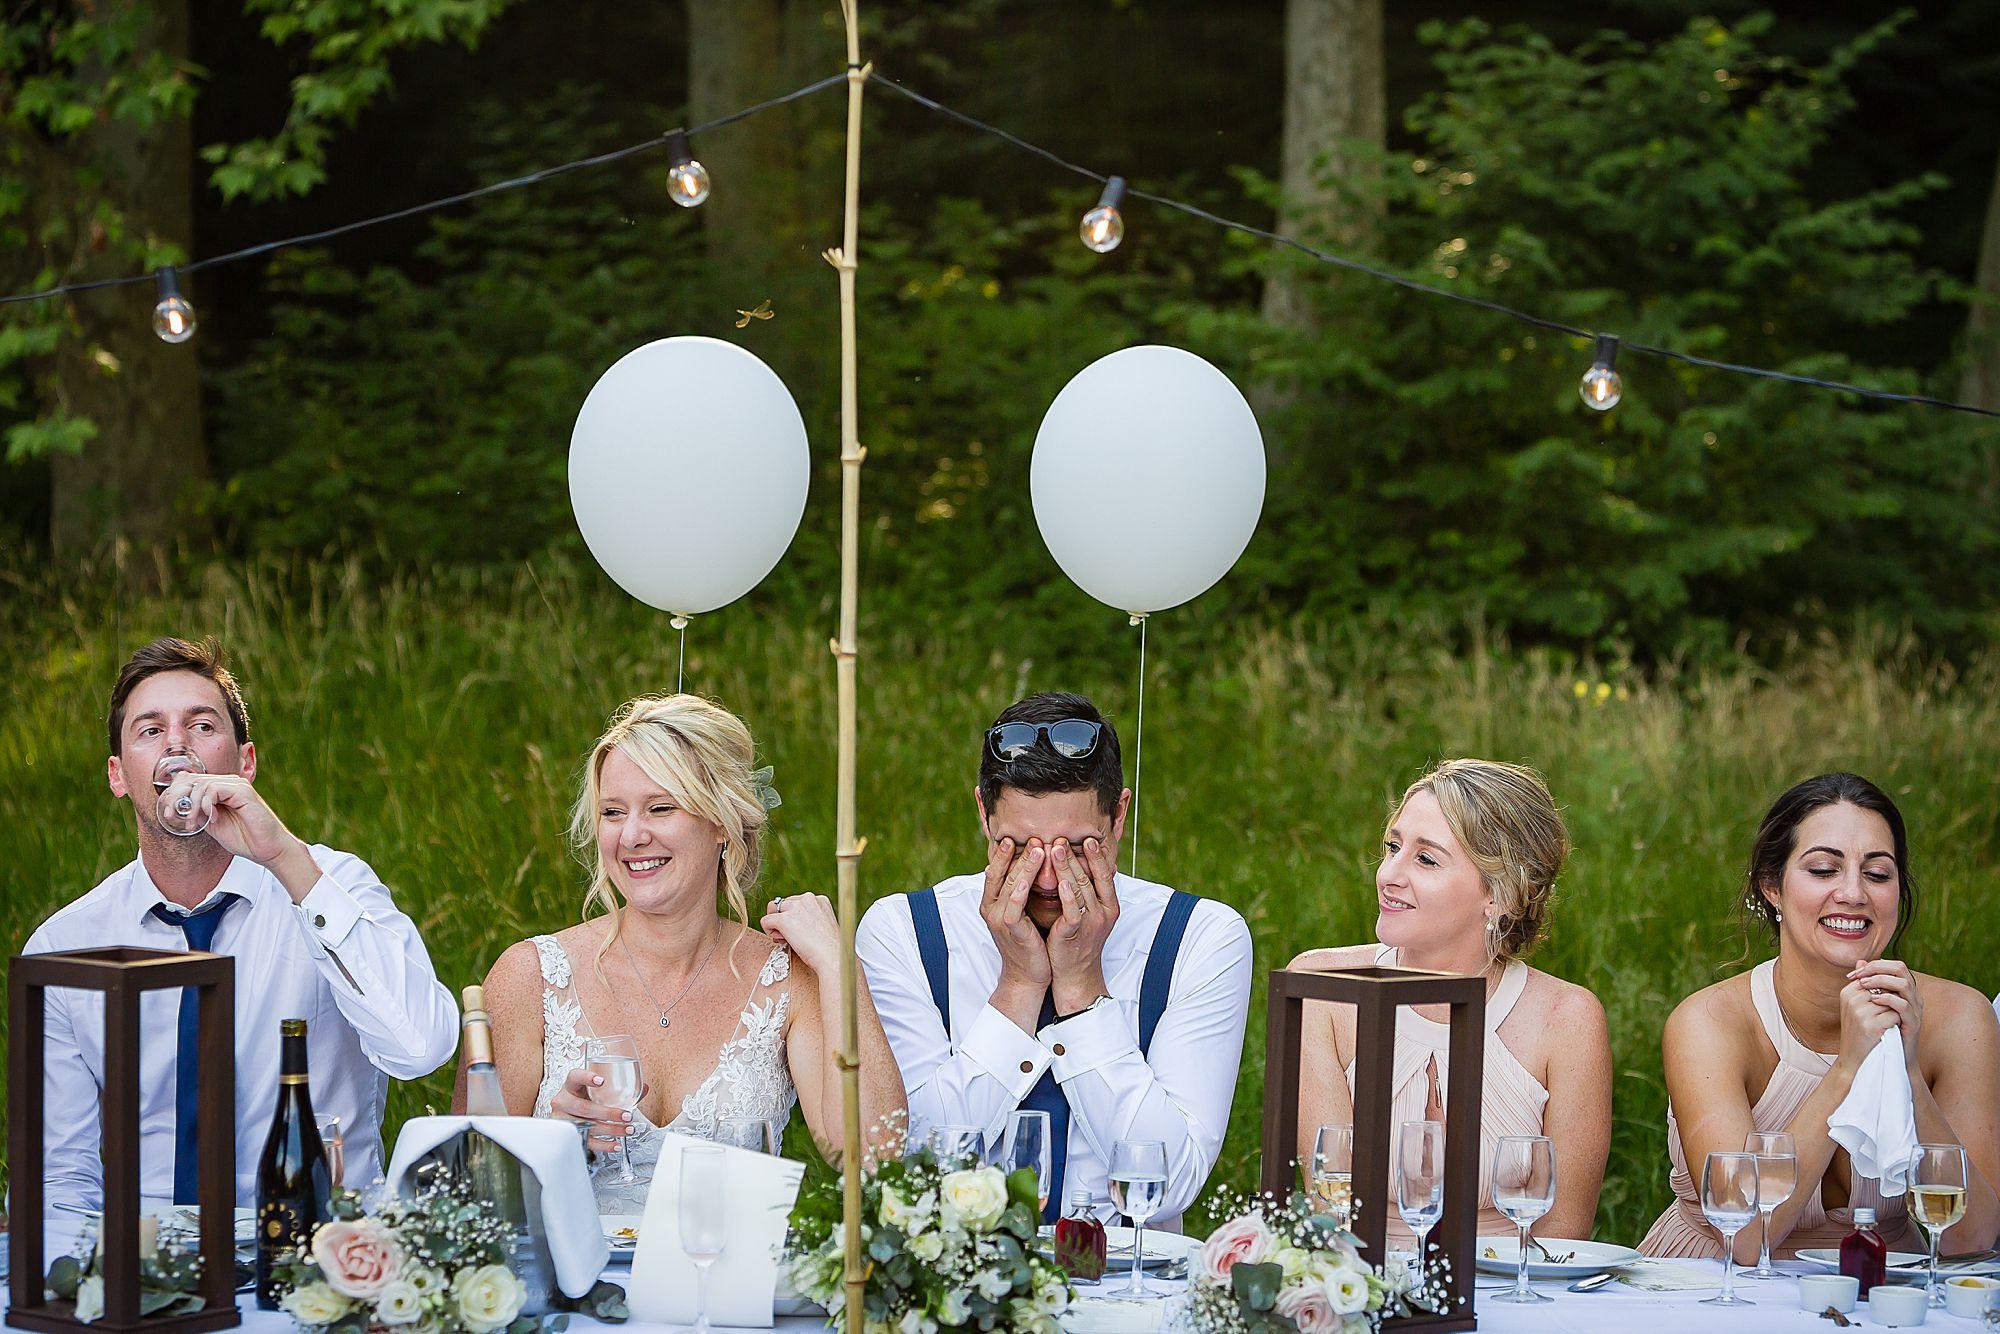 groom looks embarrassed